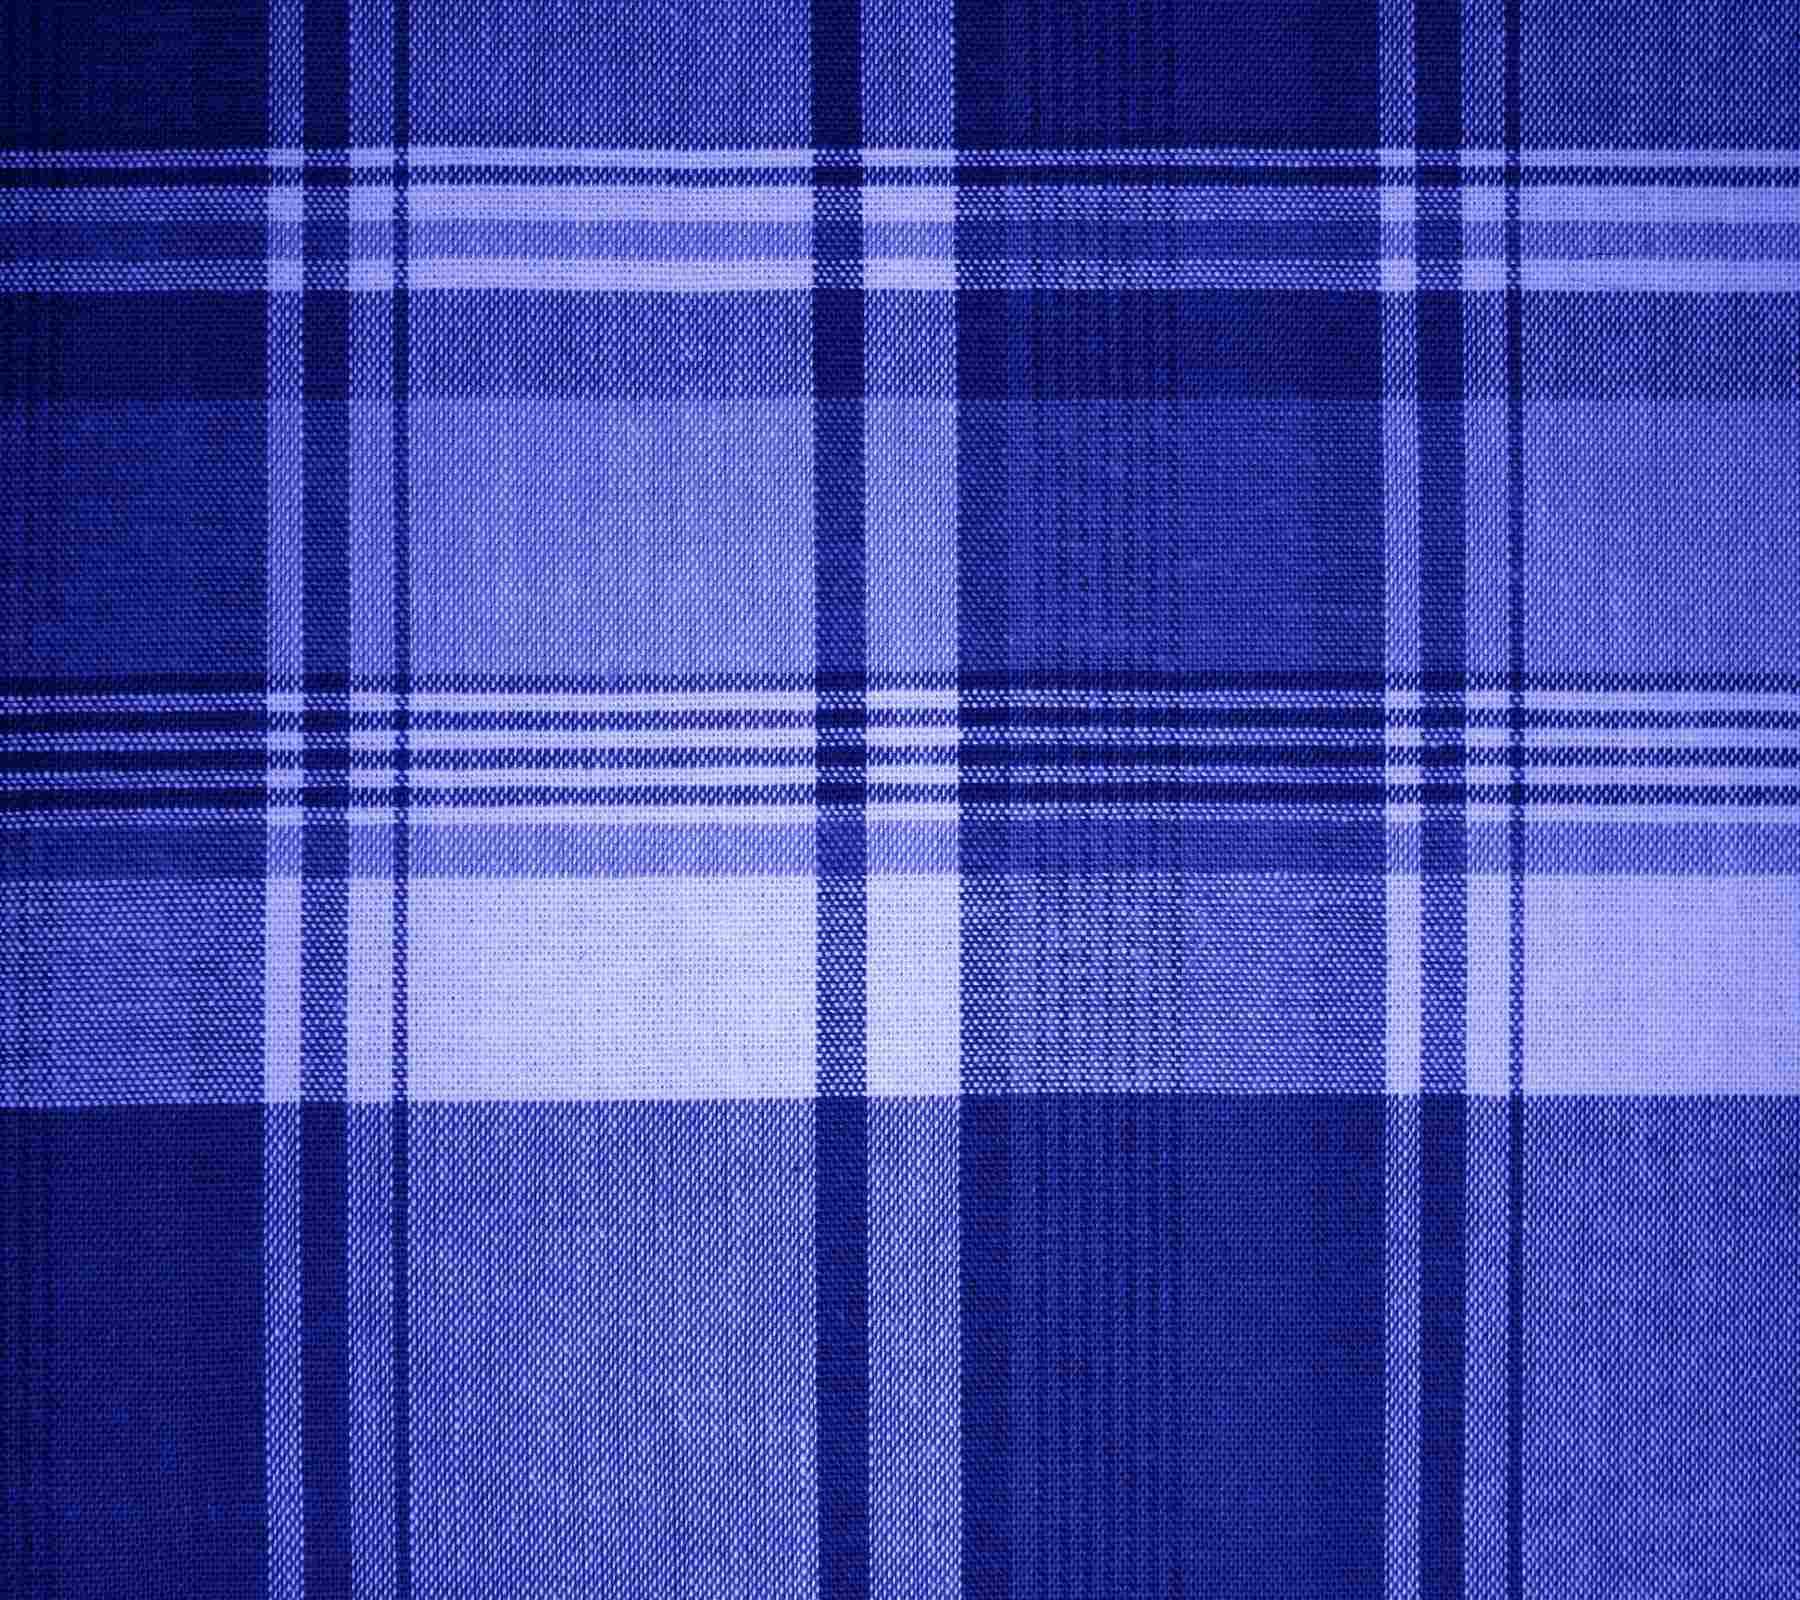 Blue Plaid Fabric Background X Background Image